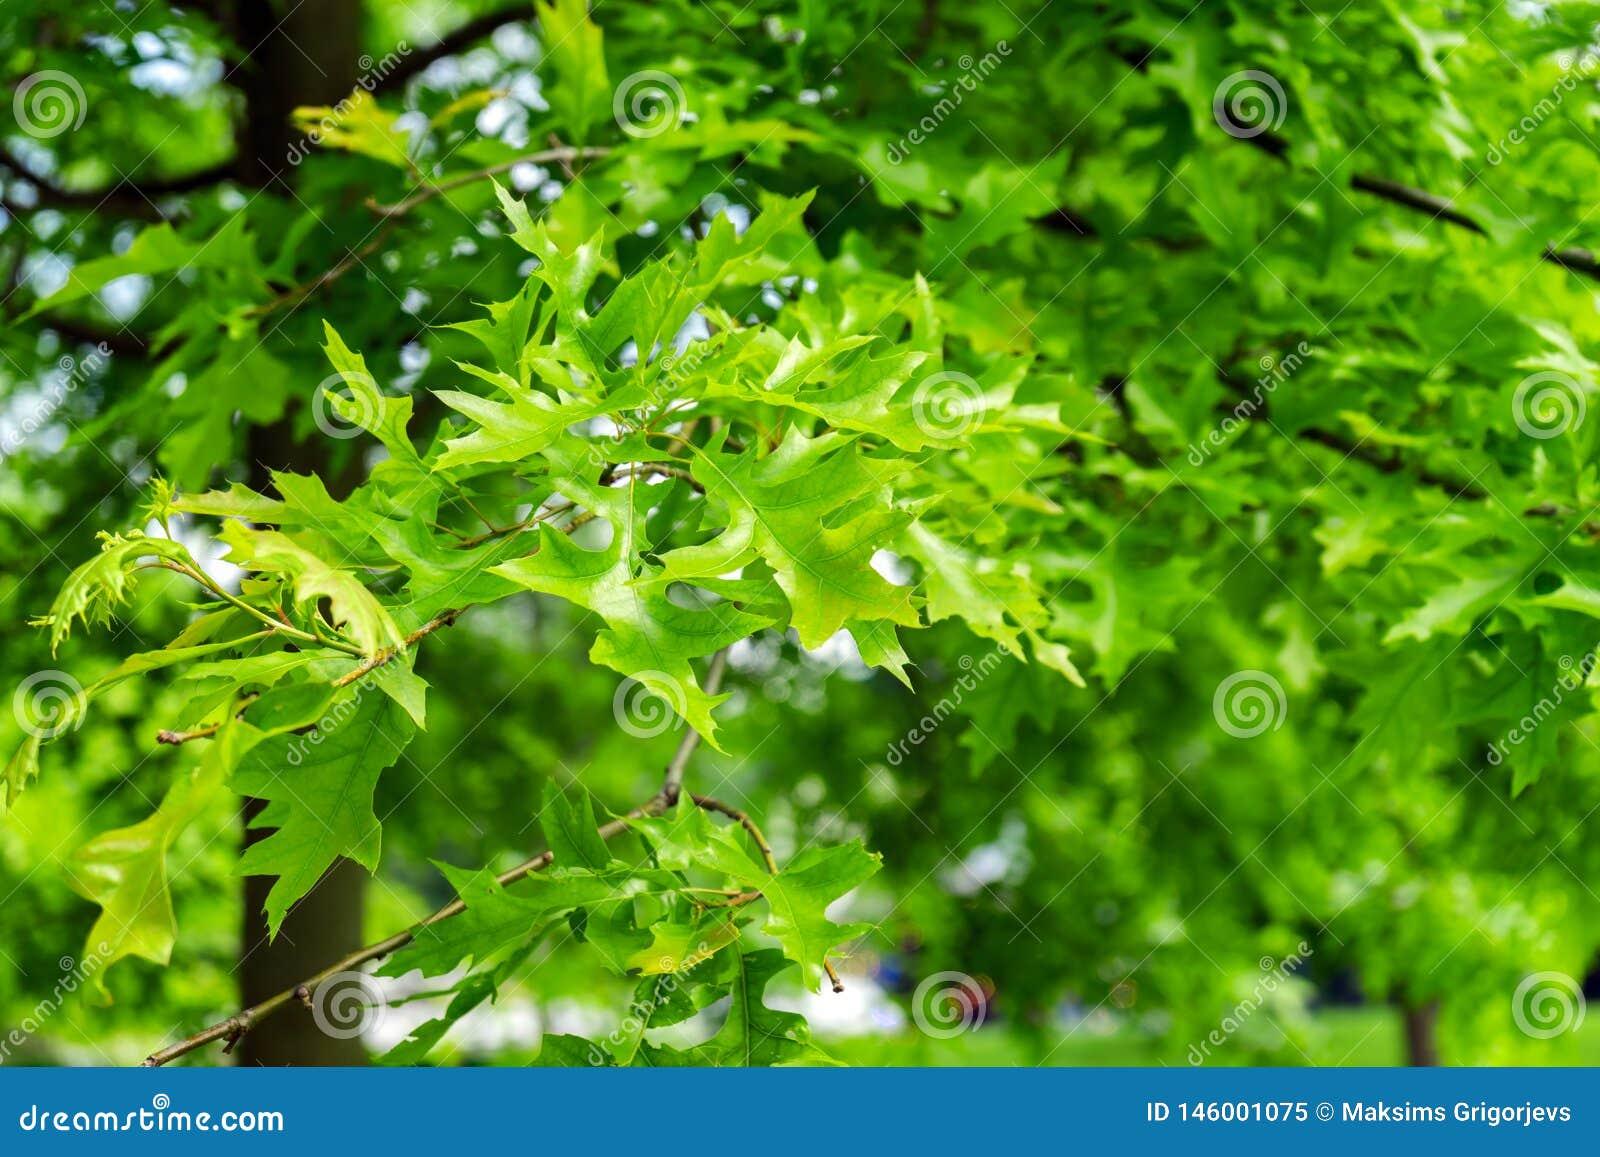 Zieleń liście kształtować teren drzewa, Quercus palustris szpilki lub bagno Hiszpańskiego dębu w parku,